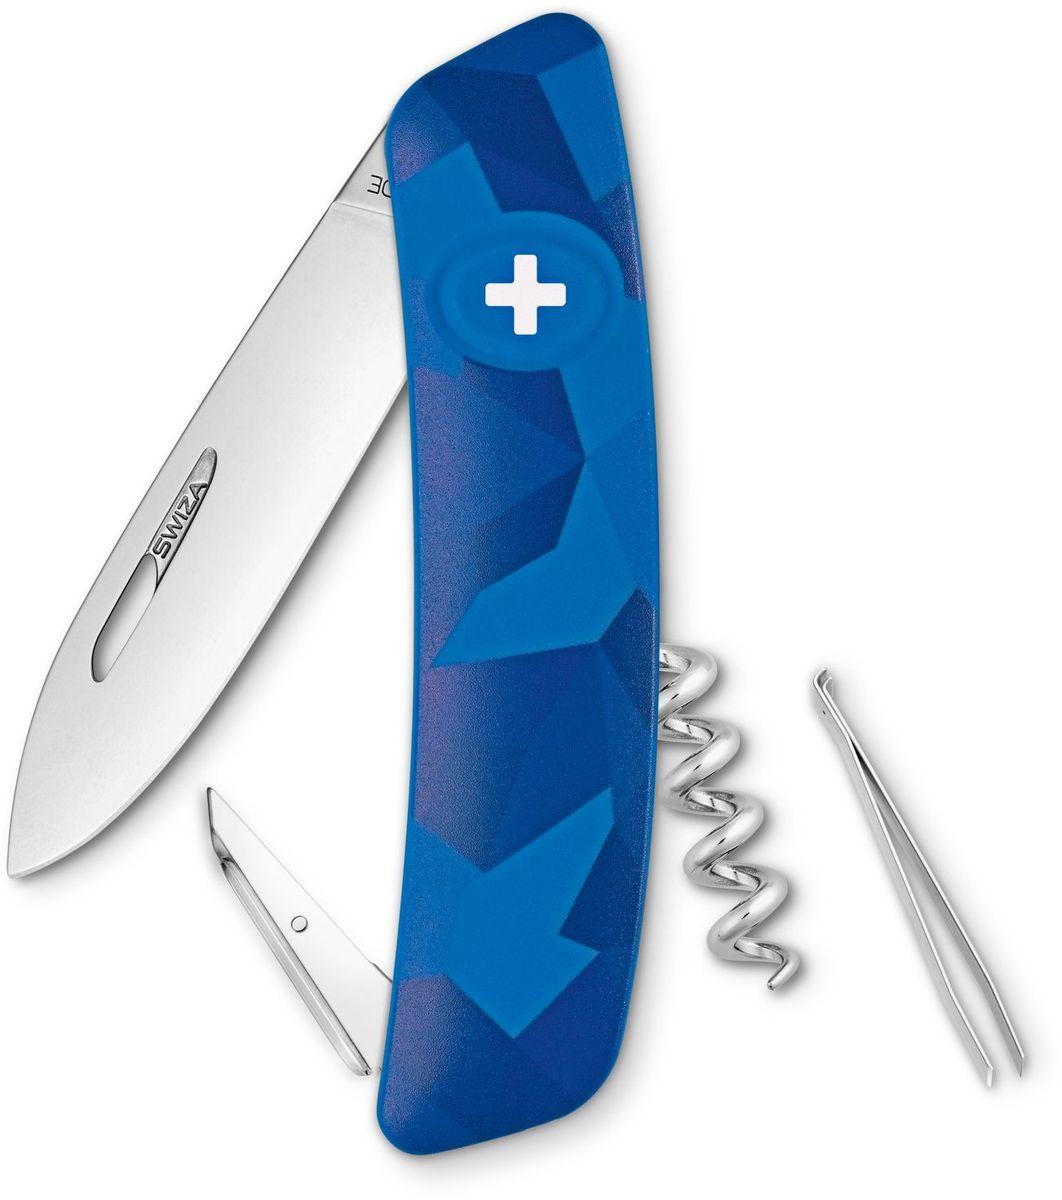 Нож швейцарский SWIZA C01, цвет: синий, длина клинка 7,5 смKNI.0010.2030Швейцарский нож (SWIZA С01) с его революционной формой и безопасной рукояткой, легко раскладываемой ручкой - самый удобный и простой в использовании швейцарский нож на все времена. Эргономично изогнутая форма ножа обеспечивает более легкий доступ к инструментам, а пазы позволяют легко их открывать, как левой, так и правой рукой. Пожизненная гаратния на ножи SWIZA обеспечивают долговременное использование 1. нож перочинный , 2. штопор, 3. ример/дырокол 4. шило, 5. безопасная блокировка лезвий, 6. пинцет